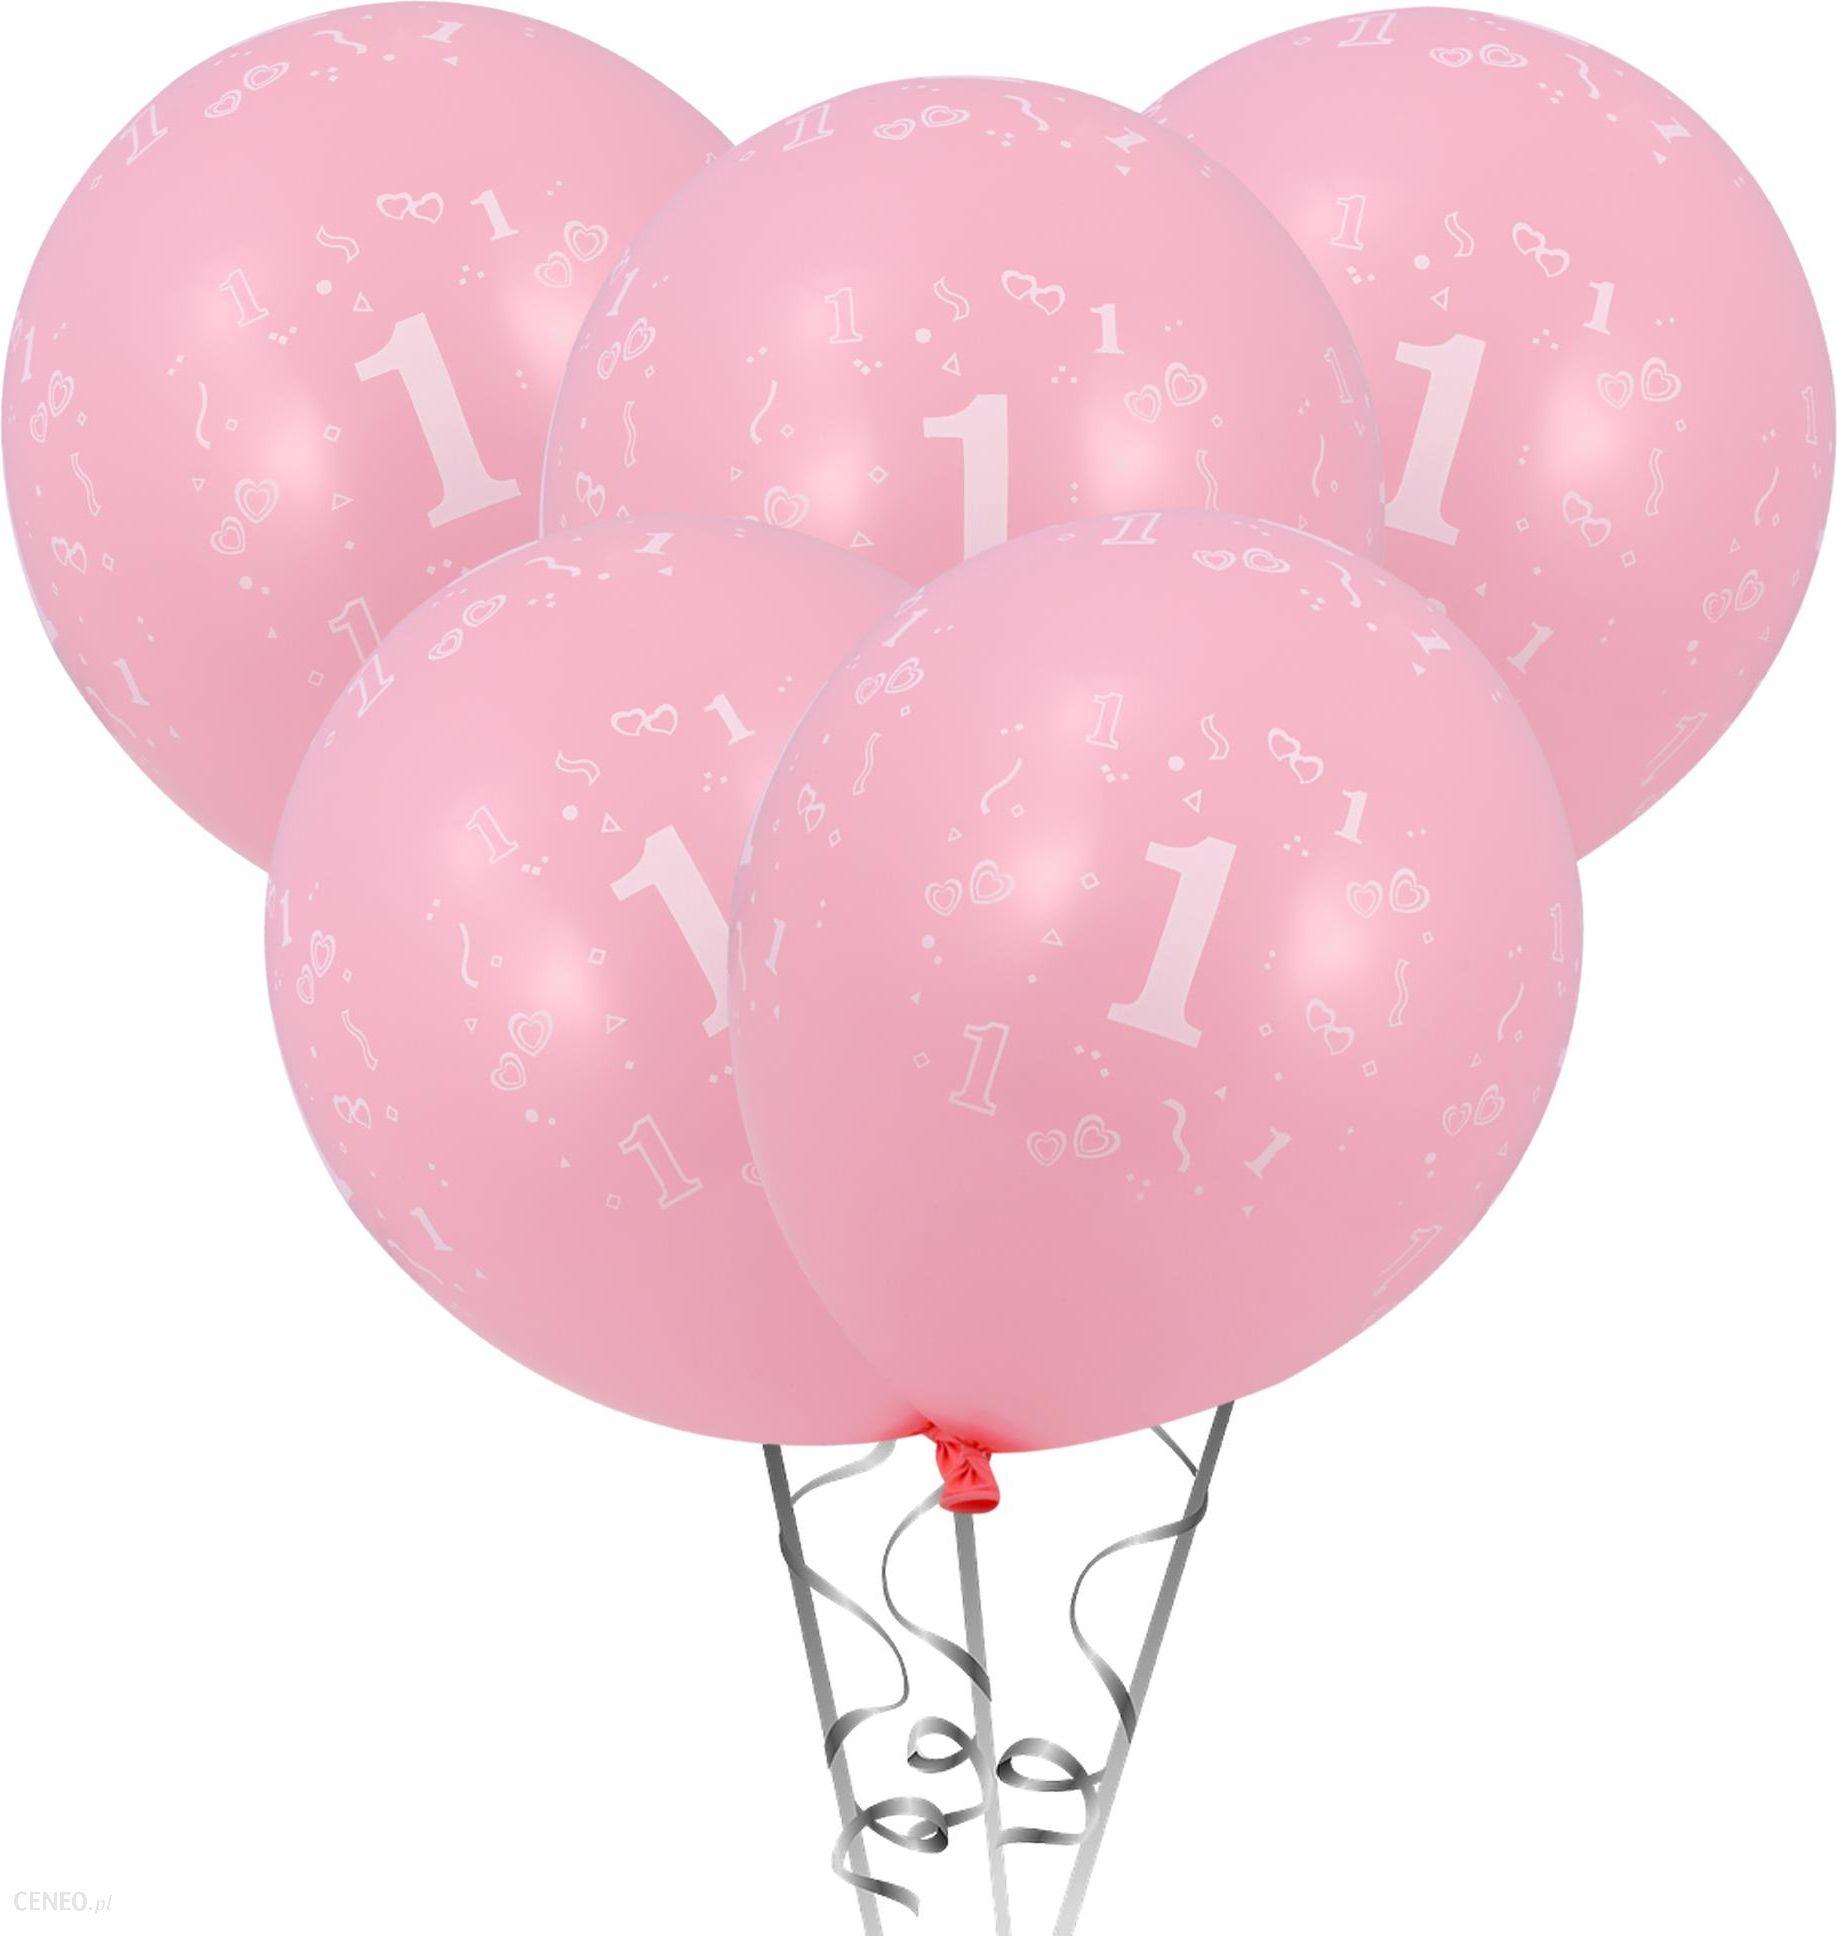 Balony na Roczek Pierwsze urodziny różowe 5szt - Ceny i opinie ... 19e295dc8de7d